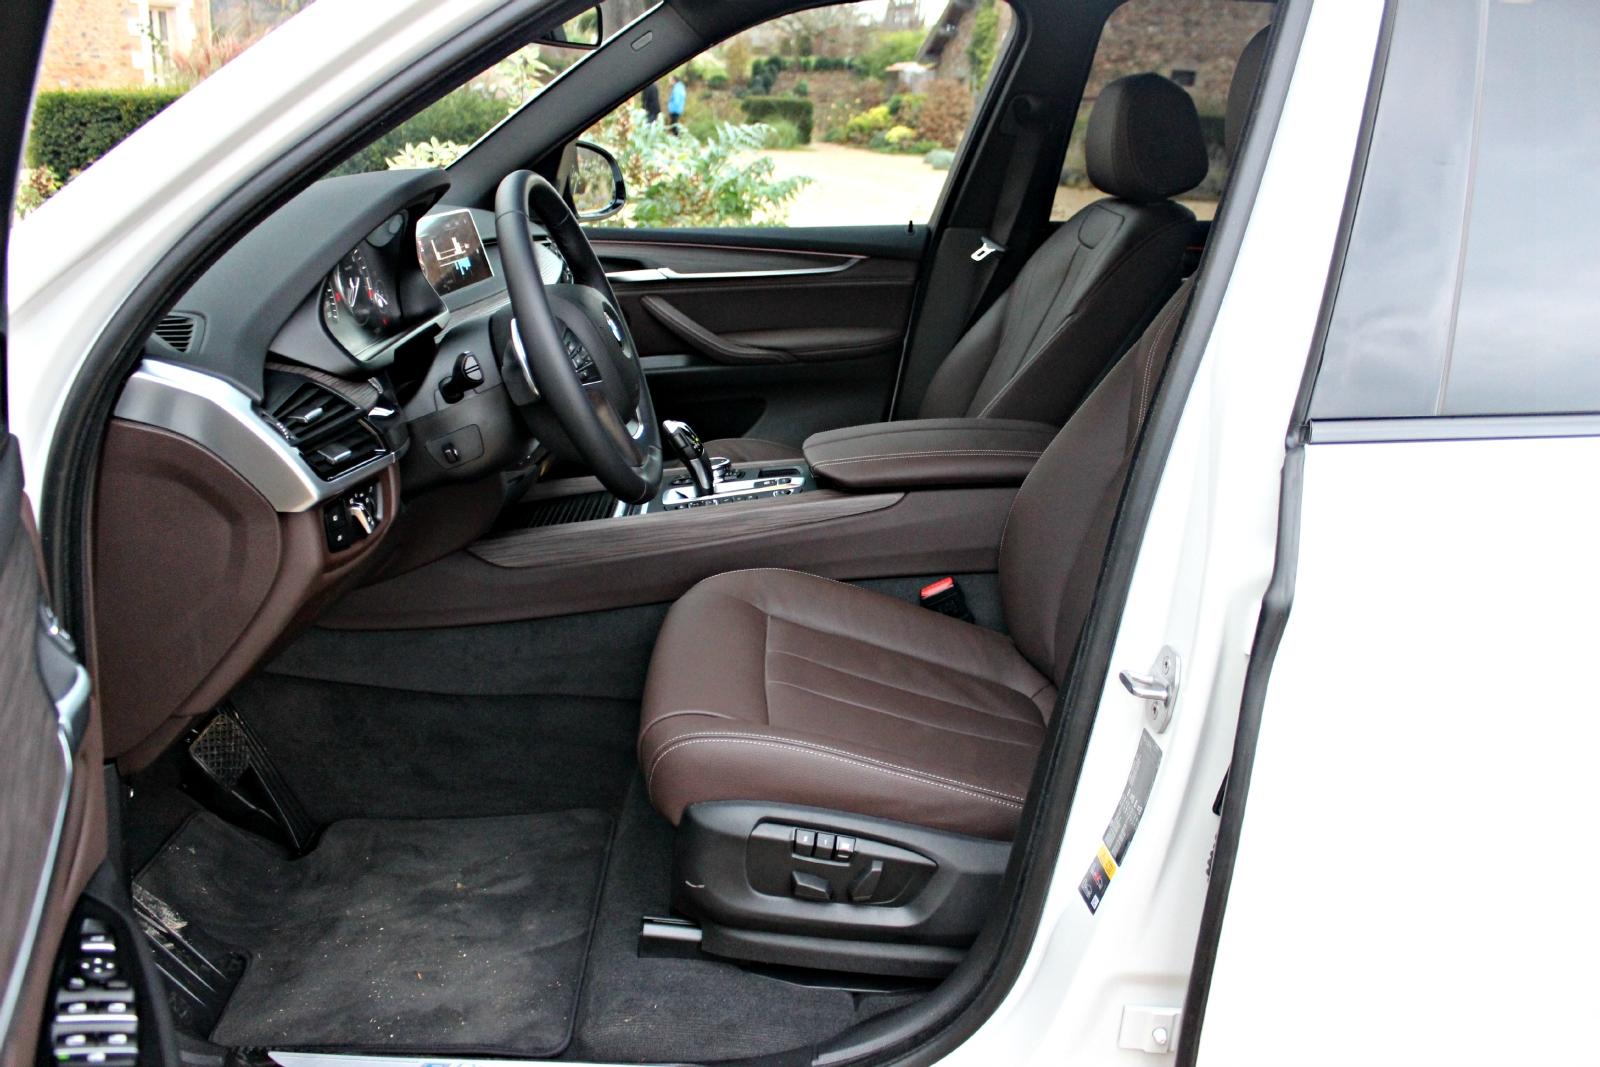 essai bmw x5 xdrive40e les 4x4 turbo essence ce n 39 est plus ce que c 39 tait. Black Bedroom Furniture Sets. Home Design Ideas